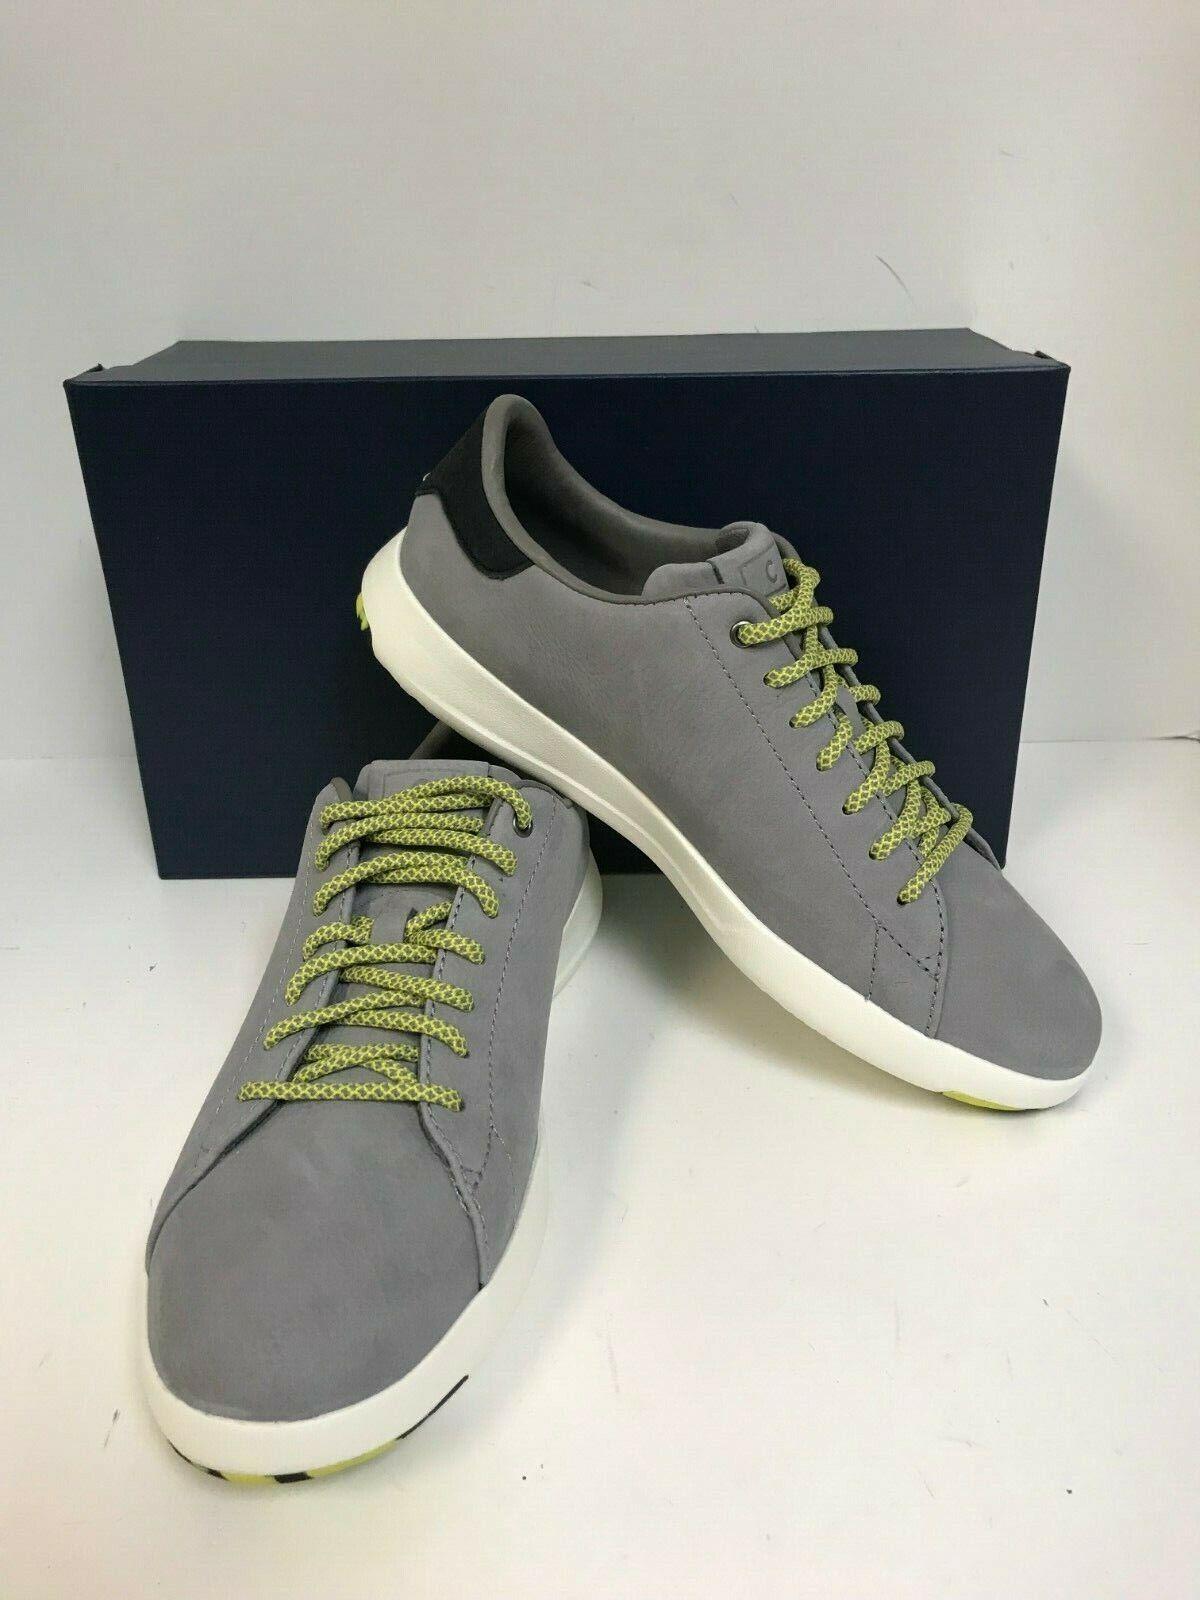 Cole Haan Men's Grandpro Tennis C28699 Ironstone Nubuck Laceup Casual Sneakers